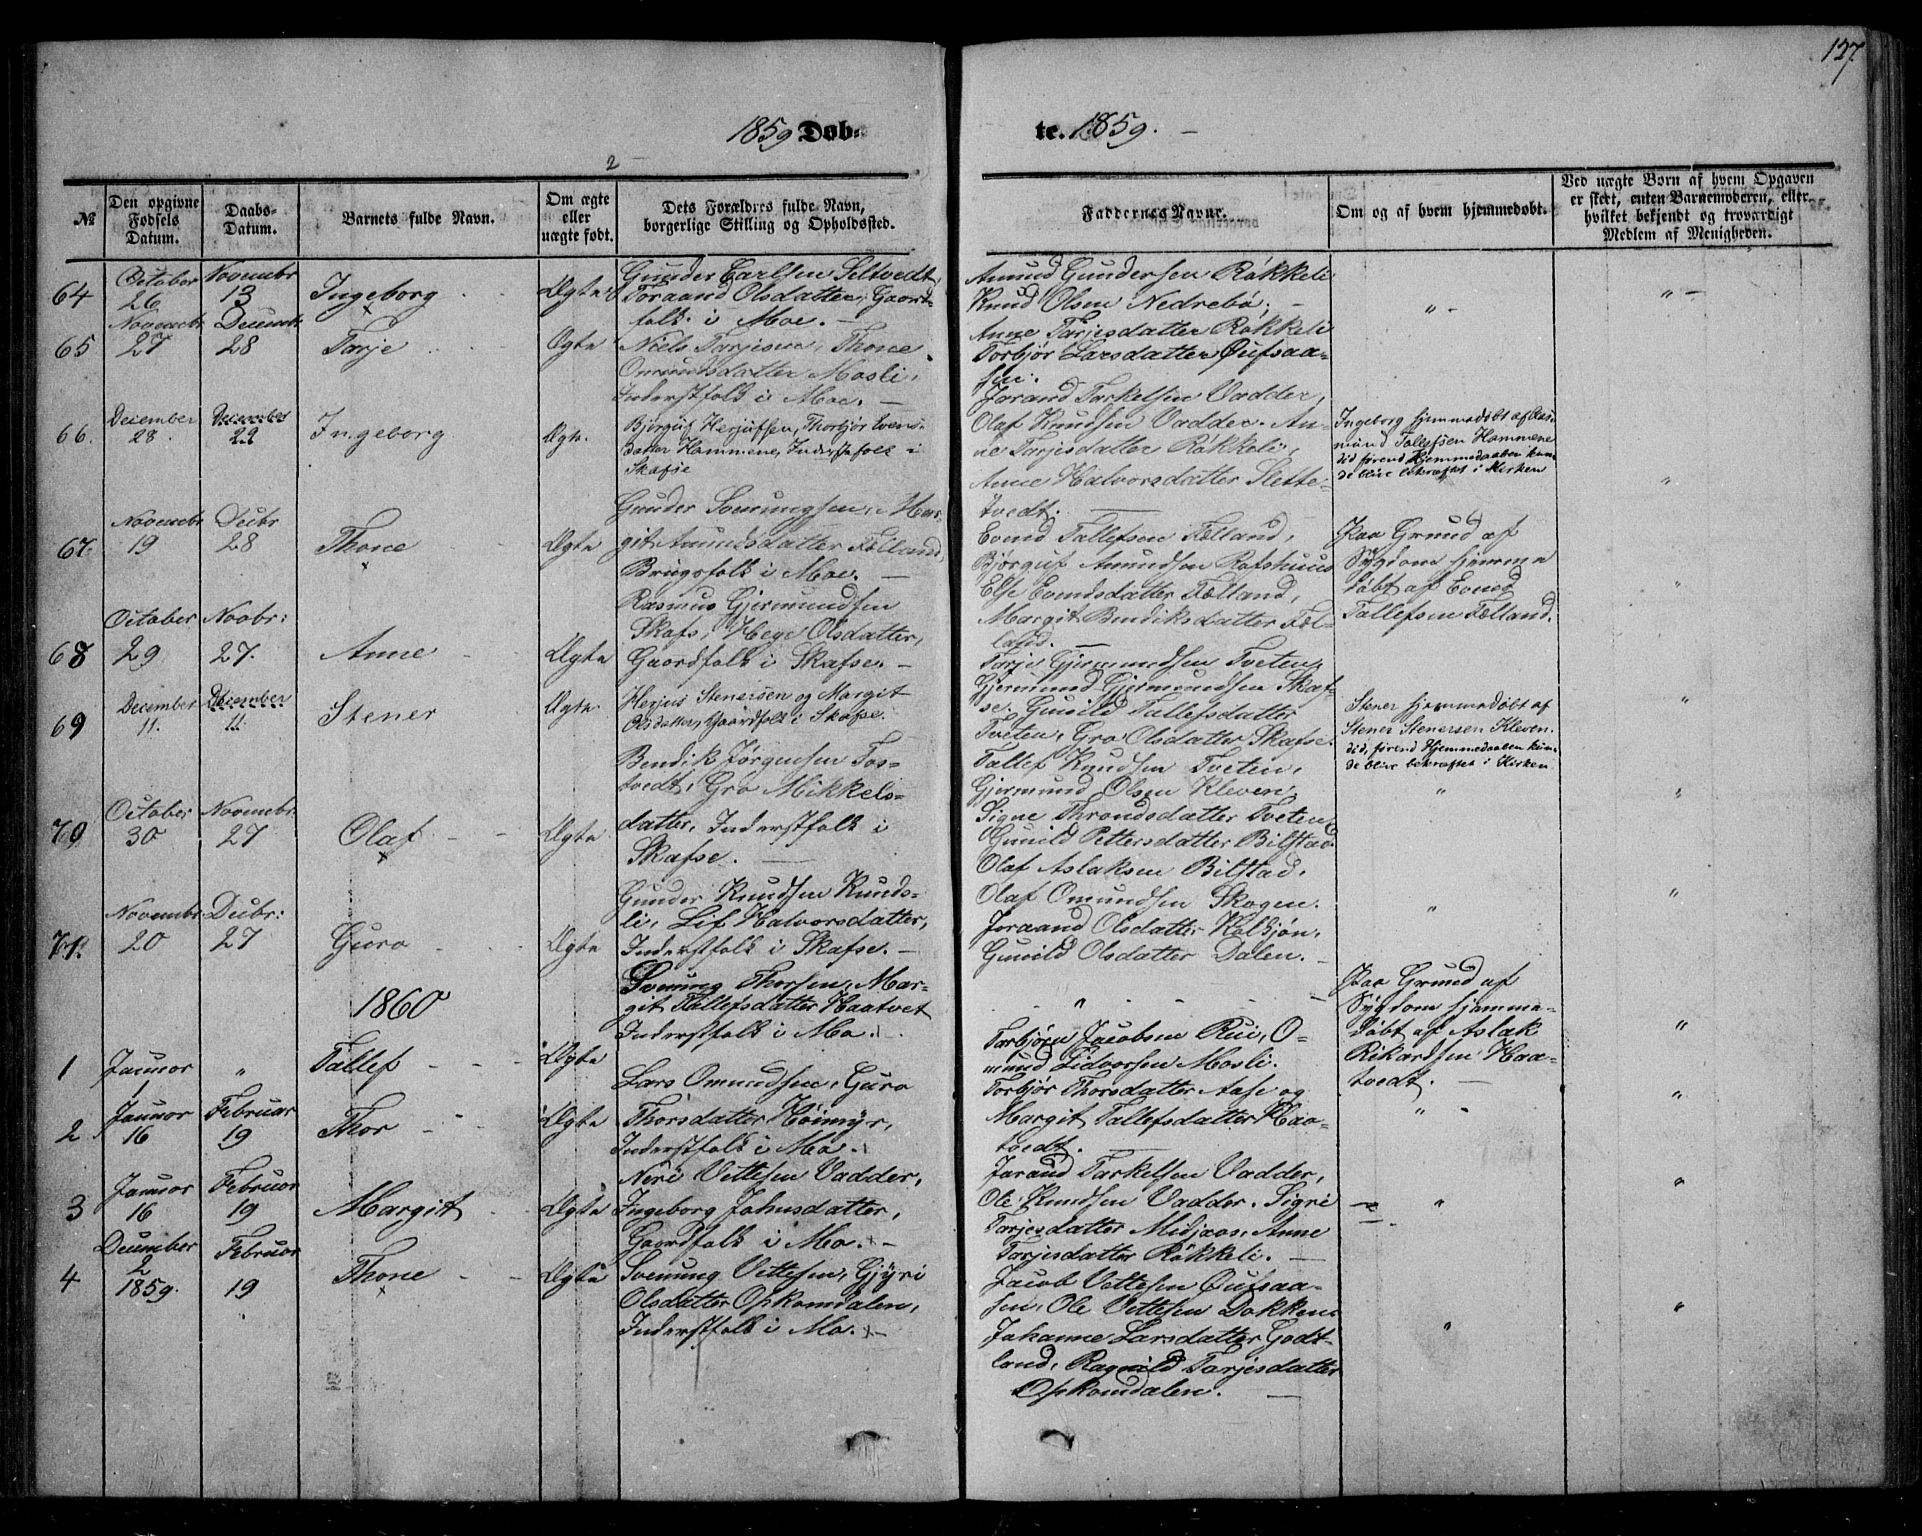 SAKO, Mo kirkebøker, F/Fa/L0005: Ministerialbok nr. I 5, 1844-1864, s. 127